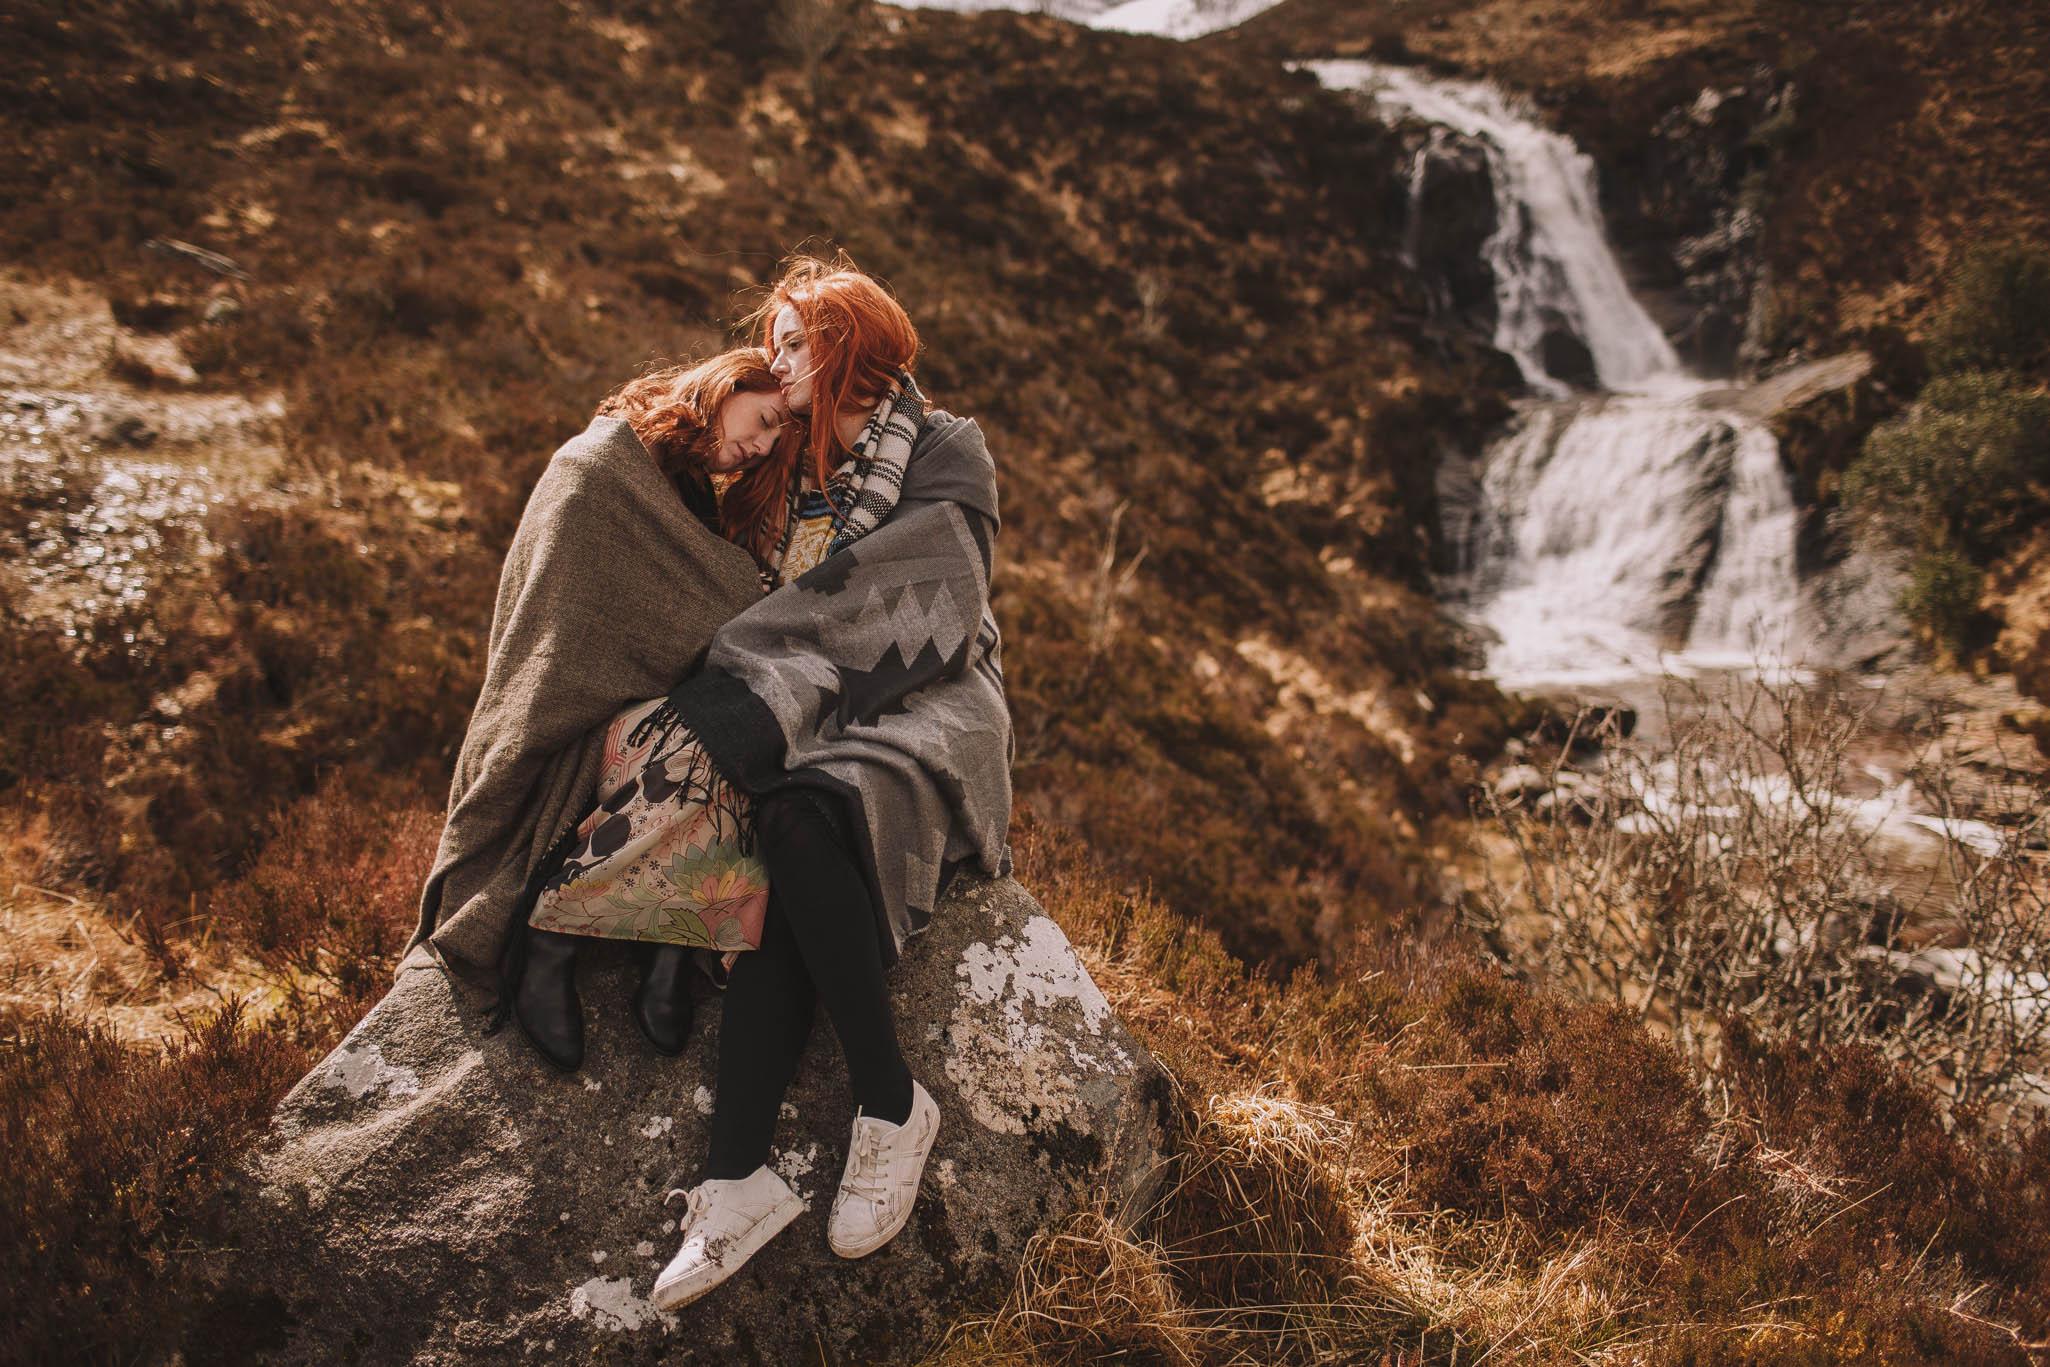 Scotland-wedding-photographer-jeremy-boyer-photographe-mariage-ecosse-voyage-road-trip-travel-49.jpg